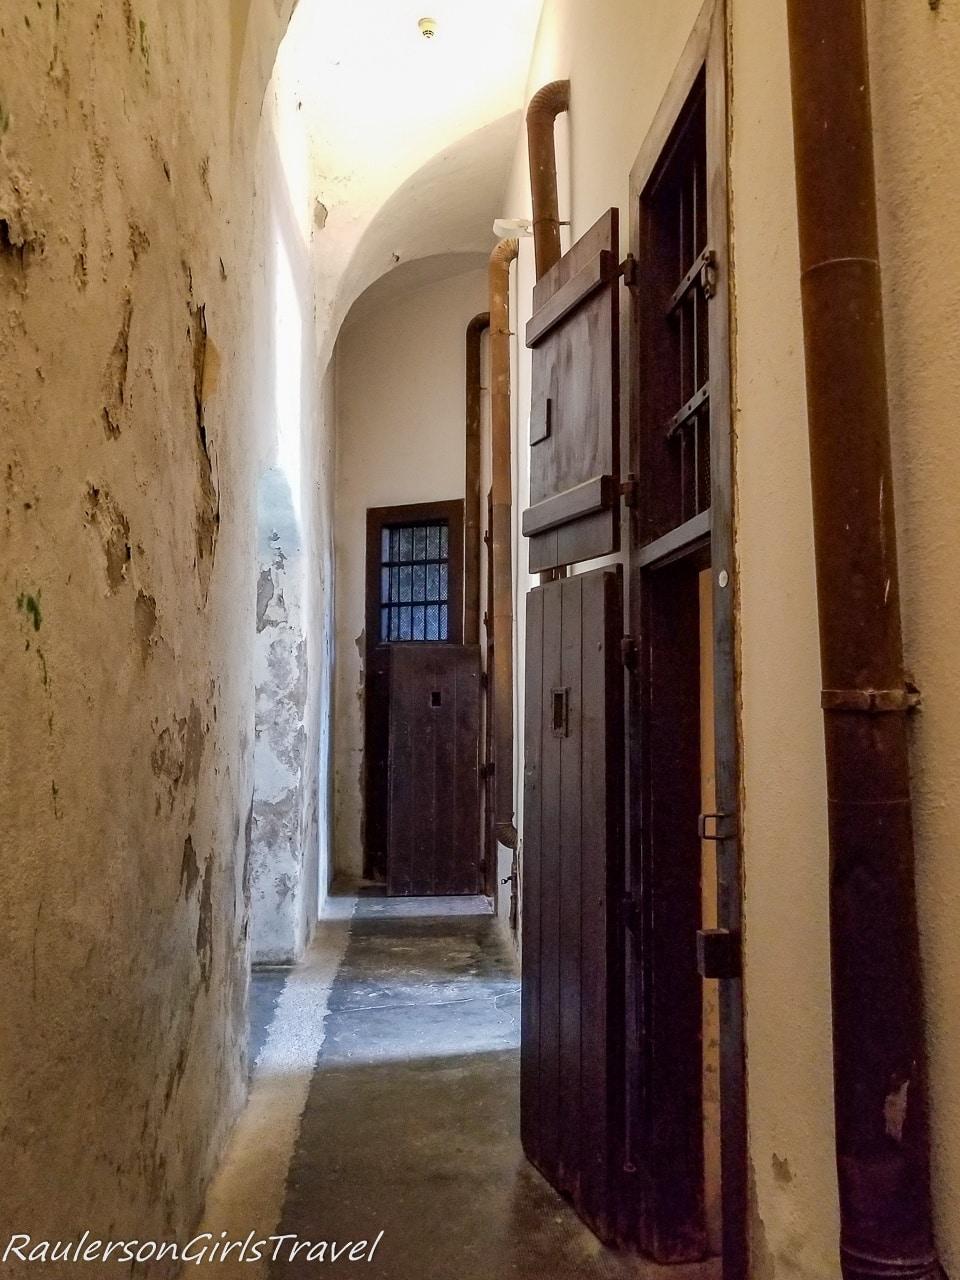 Hallways in the Prison